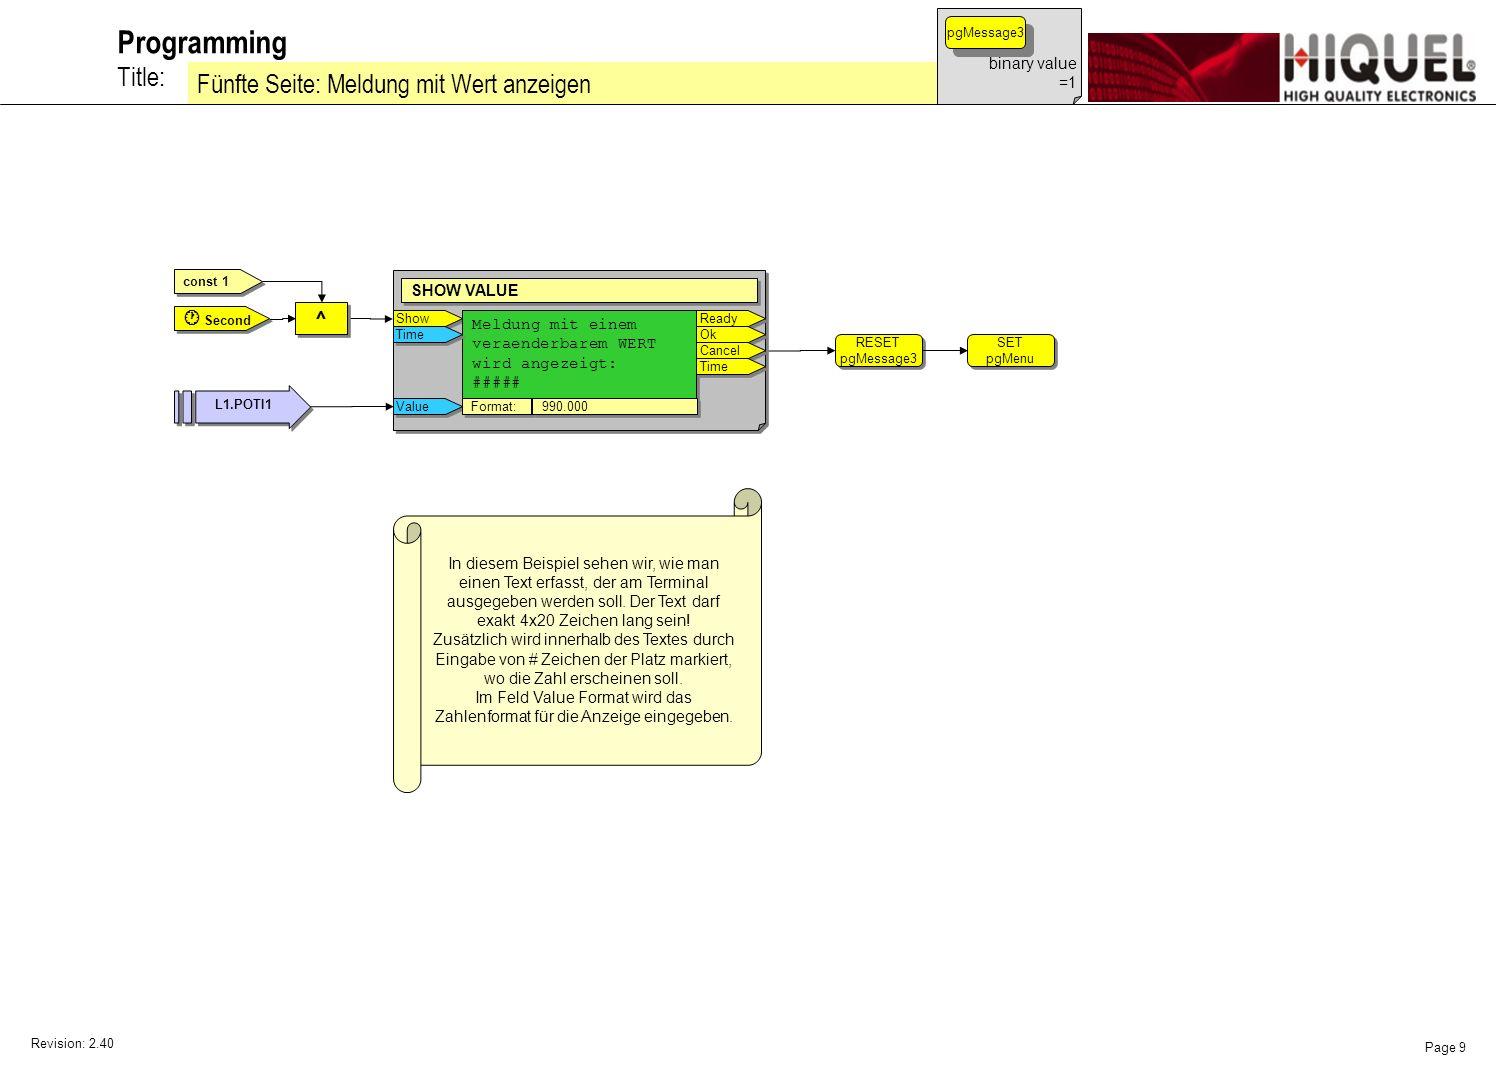 Revision: 2.40 Page 9 Title: Programming Fünfte Seite: Meldung mit Wert anzeigen binary value =1 pgMessage3 const 1 SET pgMenu SET pgMenu RESET pgMessage3 RESET pgMessage3 Show SHOW VALUE Meldung mit einem veraenderbarem WERT wird angezeigt: ##### Meldung mit einem veraenderbarem WERT wird angezeigt: ##### Ready Ok Cancel Time Value Format: 990.000 ^ ^ L1.POTI1 Second In diesem Beispiel sehen wir, wie man einen Text erfasst, der am Terminal ausgegeben werden soll.